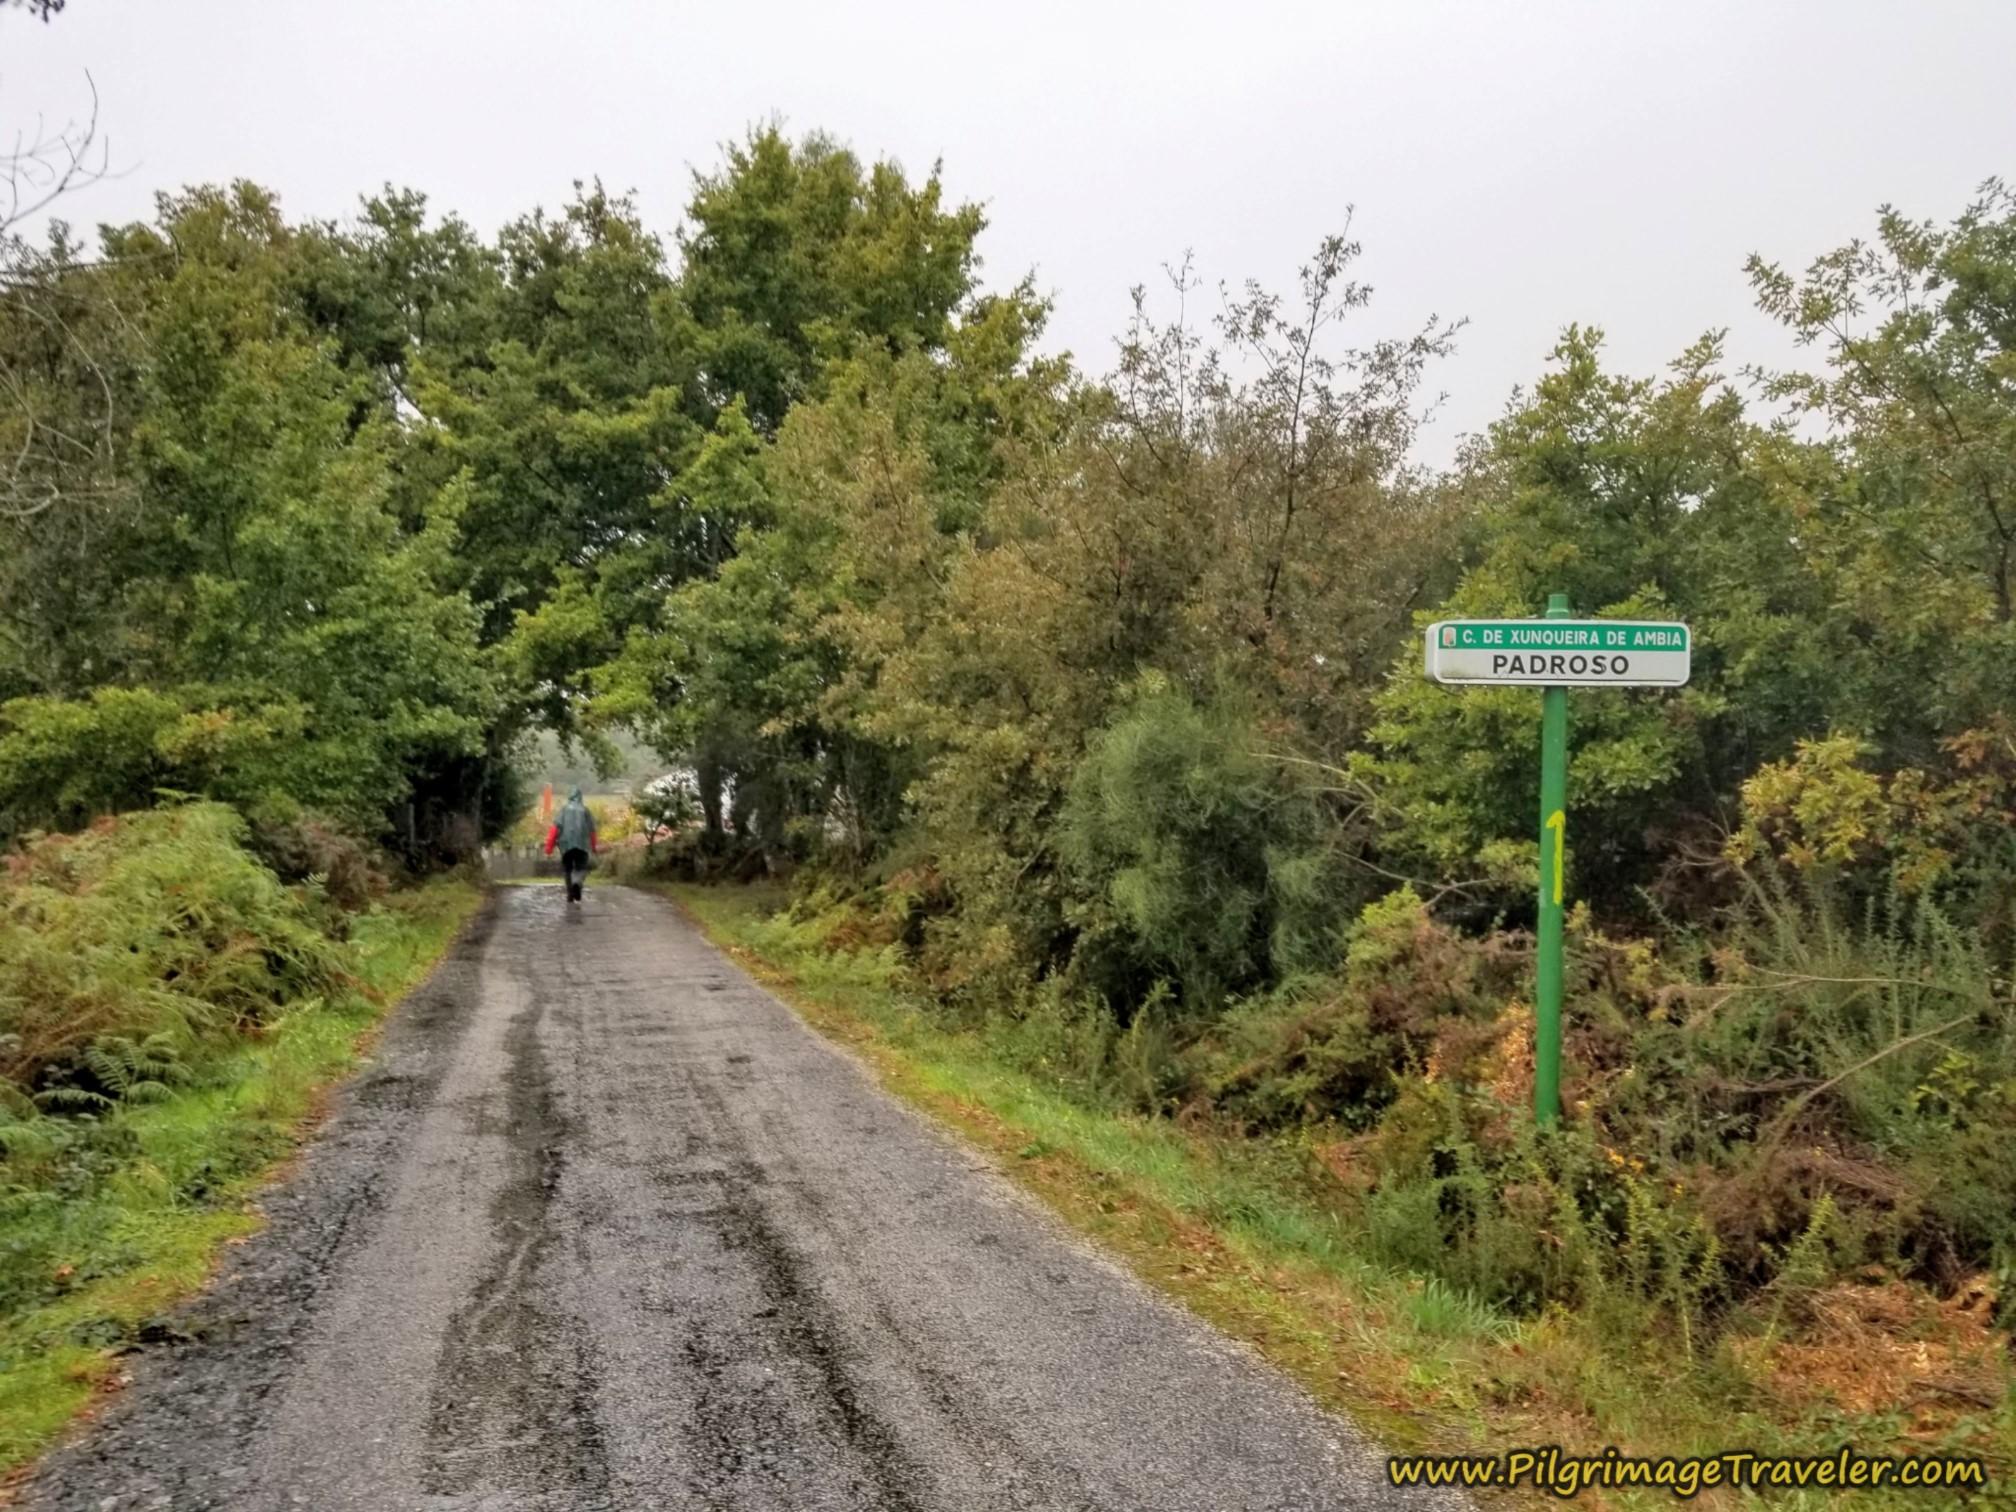 Entering Padroso, Camino Sanabrés, Vilar de Barrio to Xunqueira de Ambía